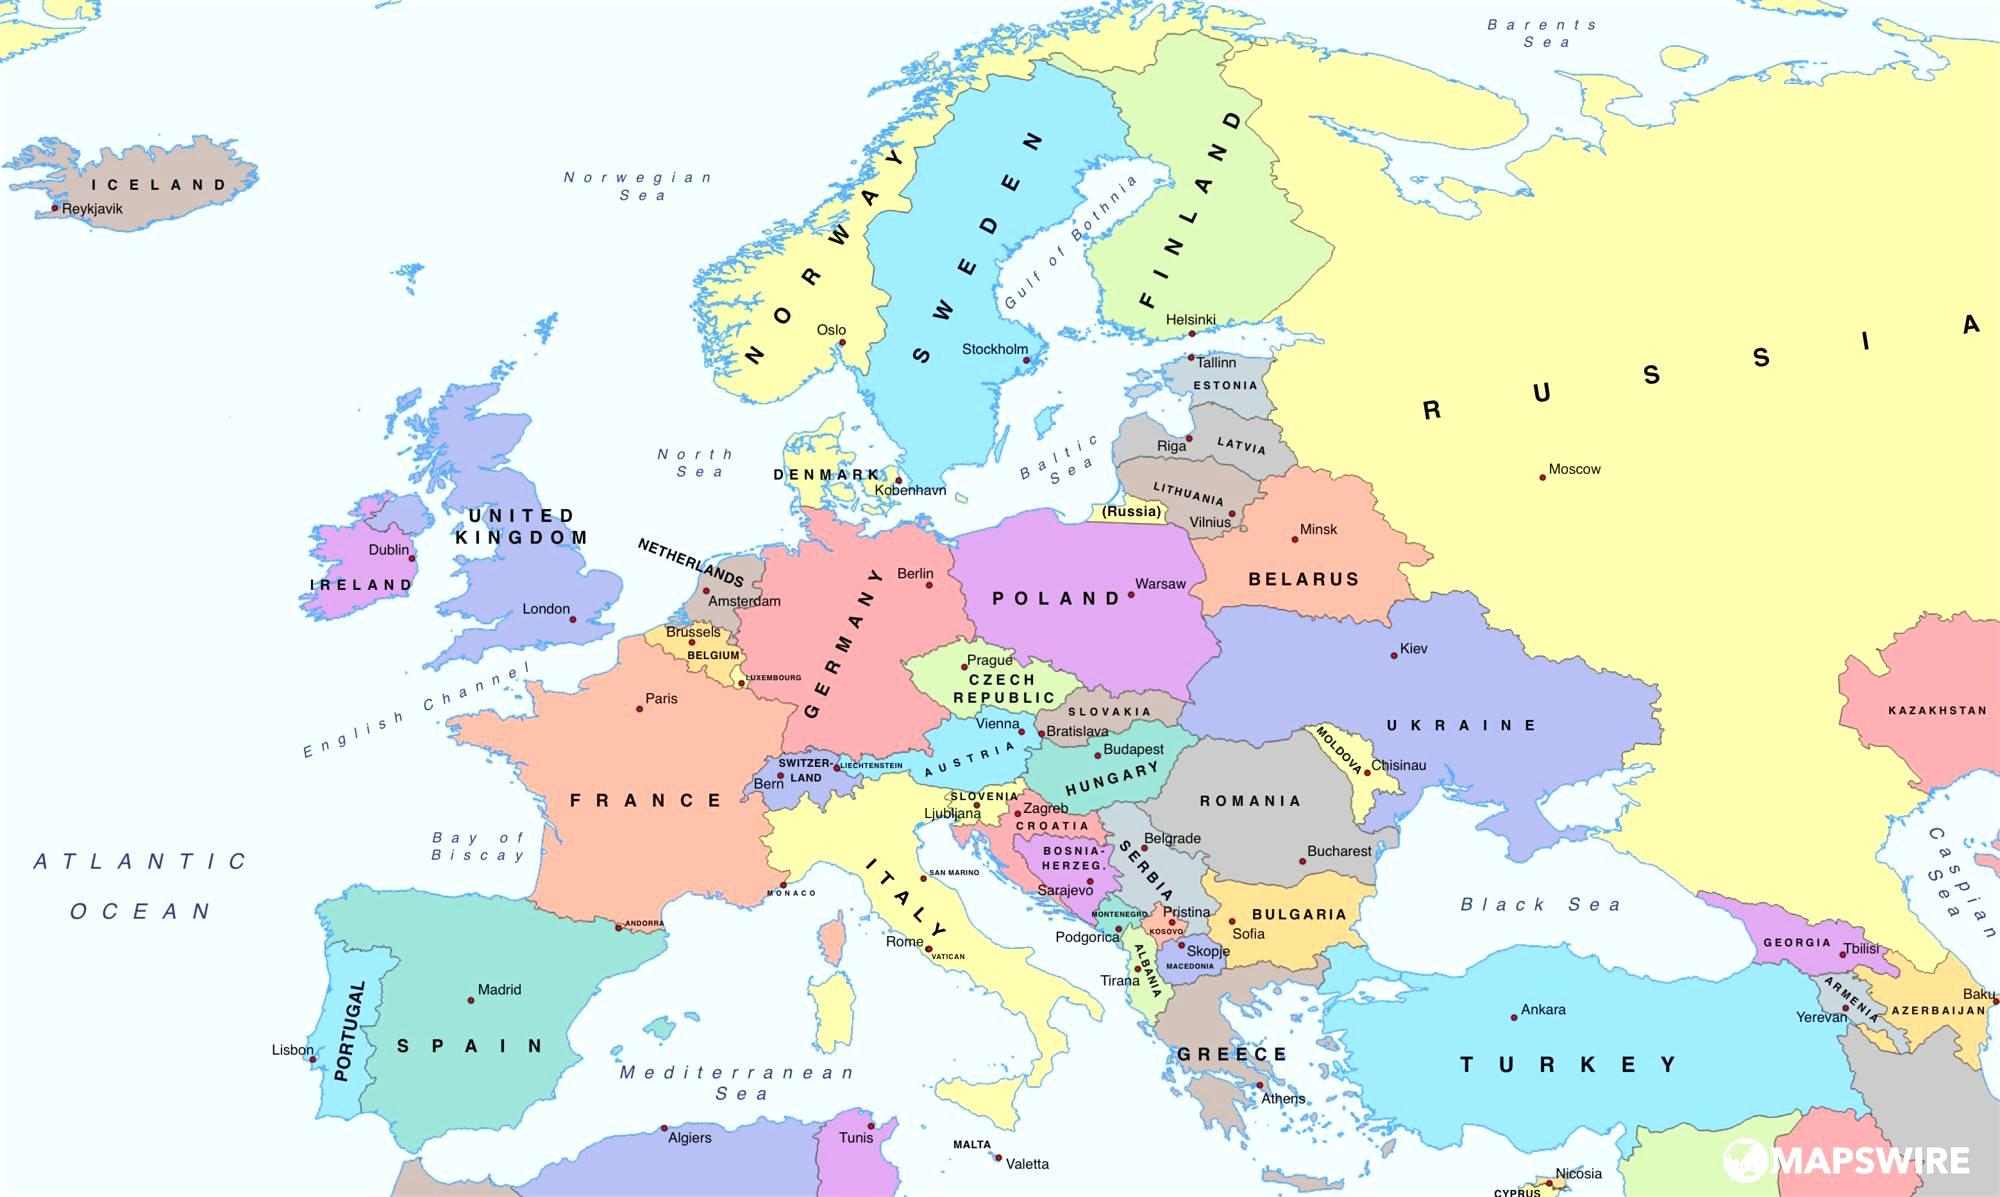 Osterrike Kart Europa Kart Over Europa Som Viser Osterrike Vest